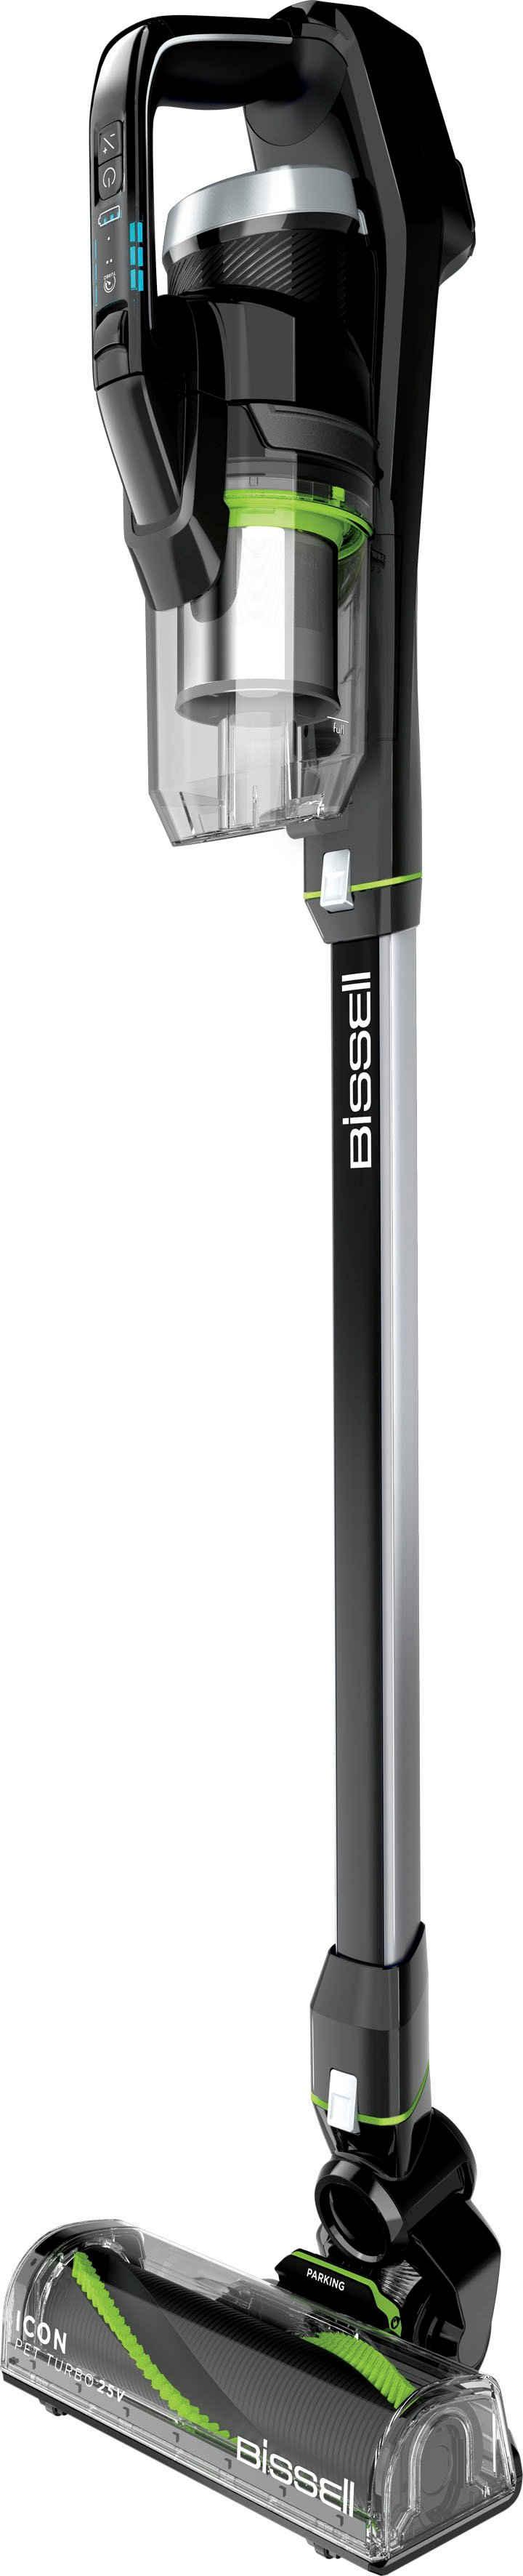 Bissell Akku-Handstaubsauger BISSELL ICON Pet Turbo 25V, 400 Watt, beutellos